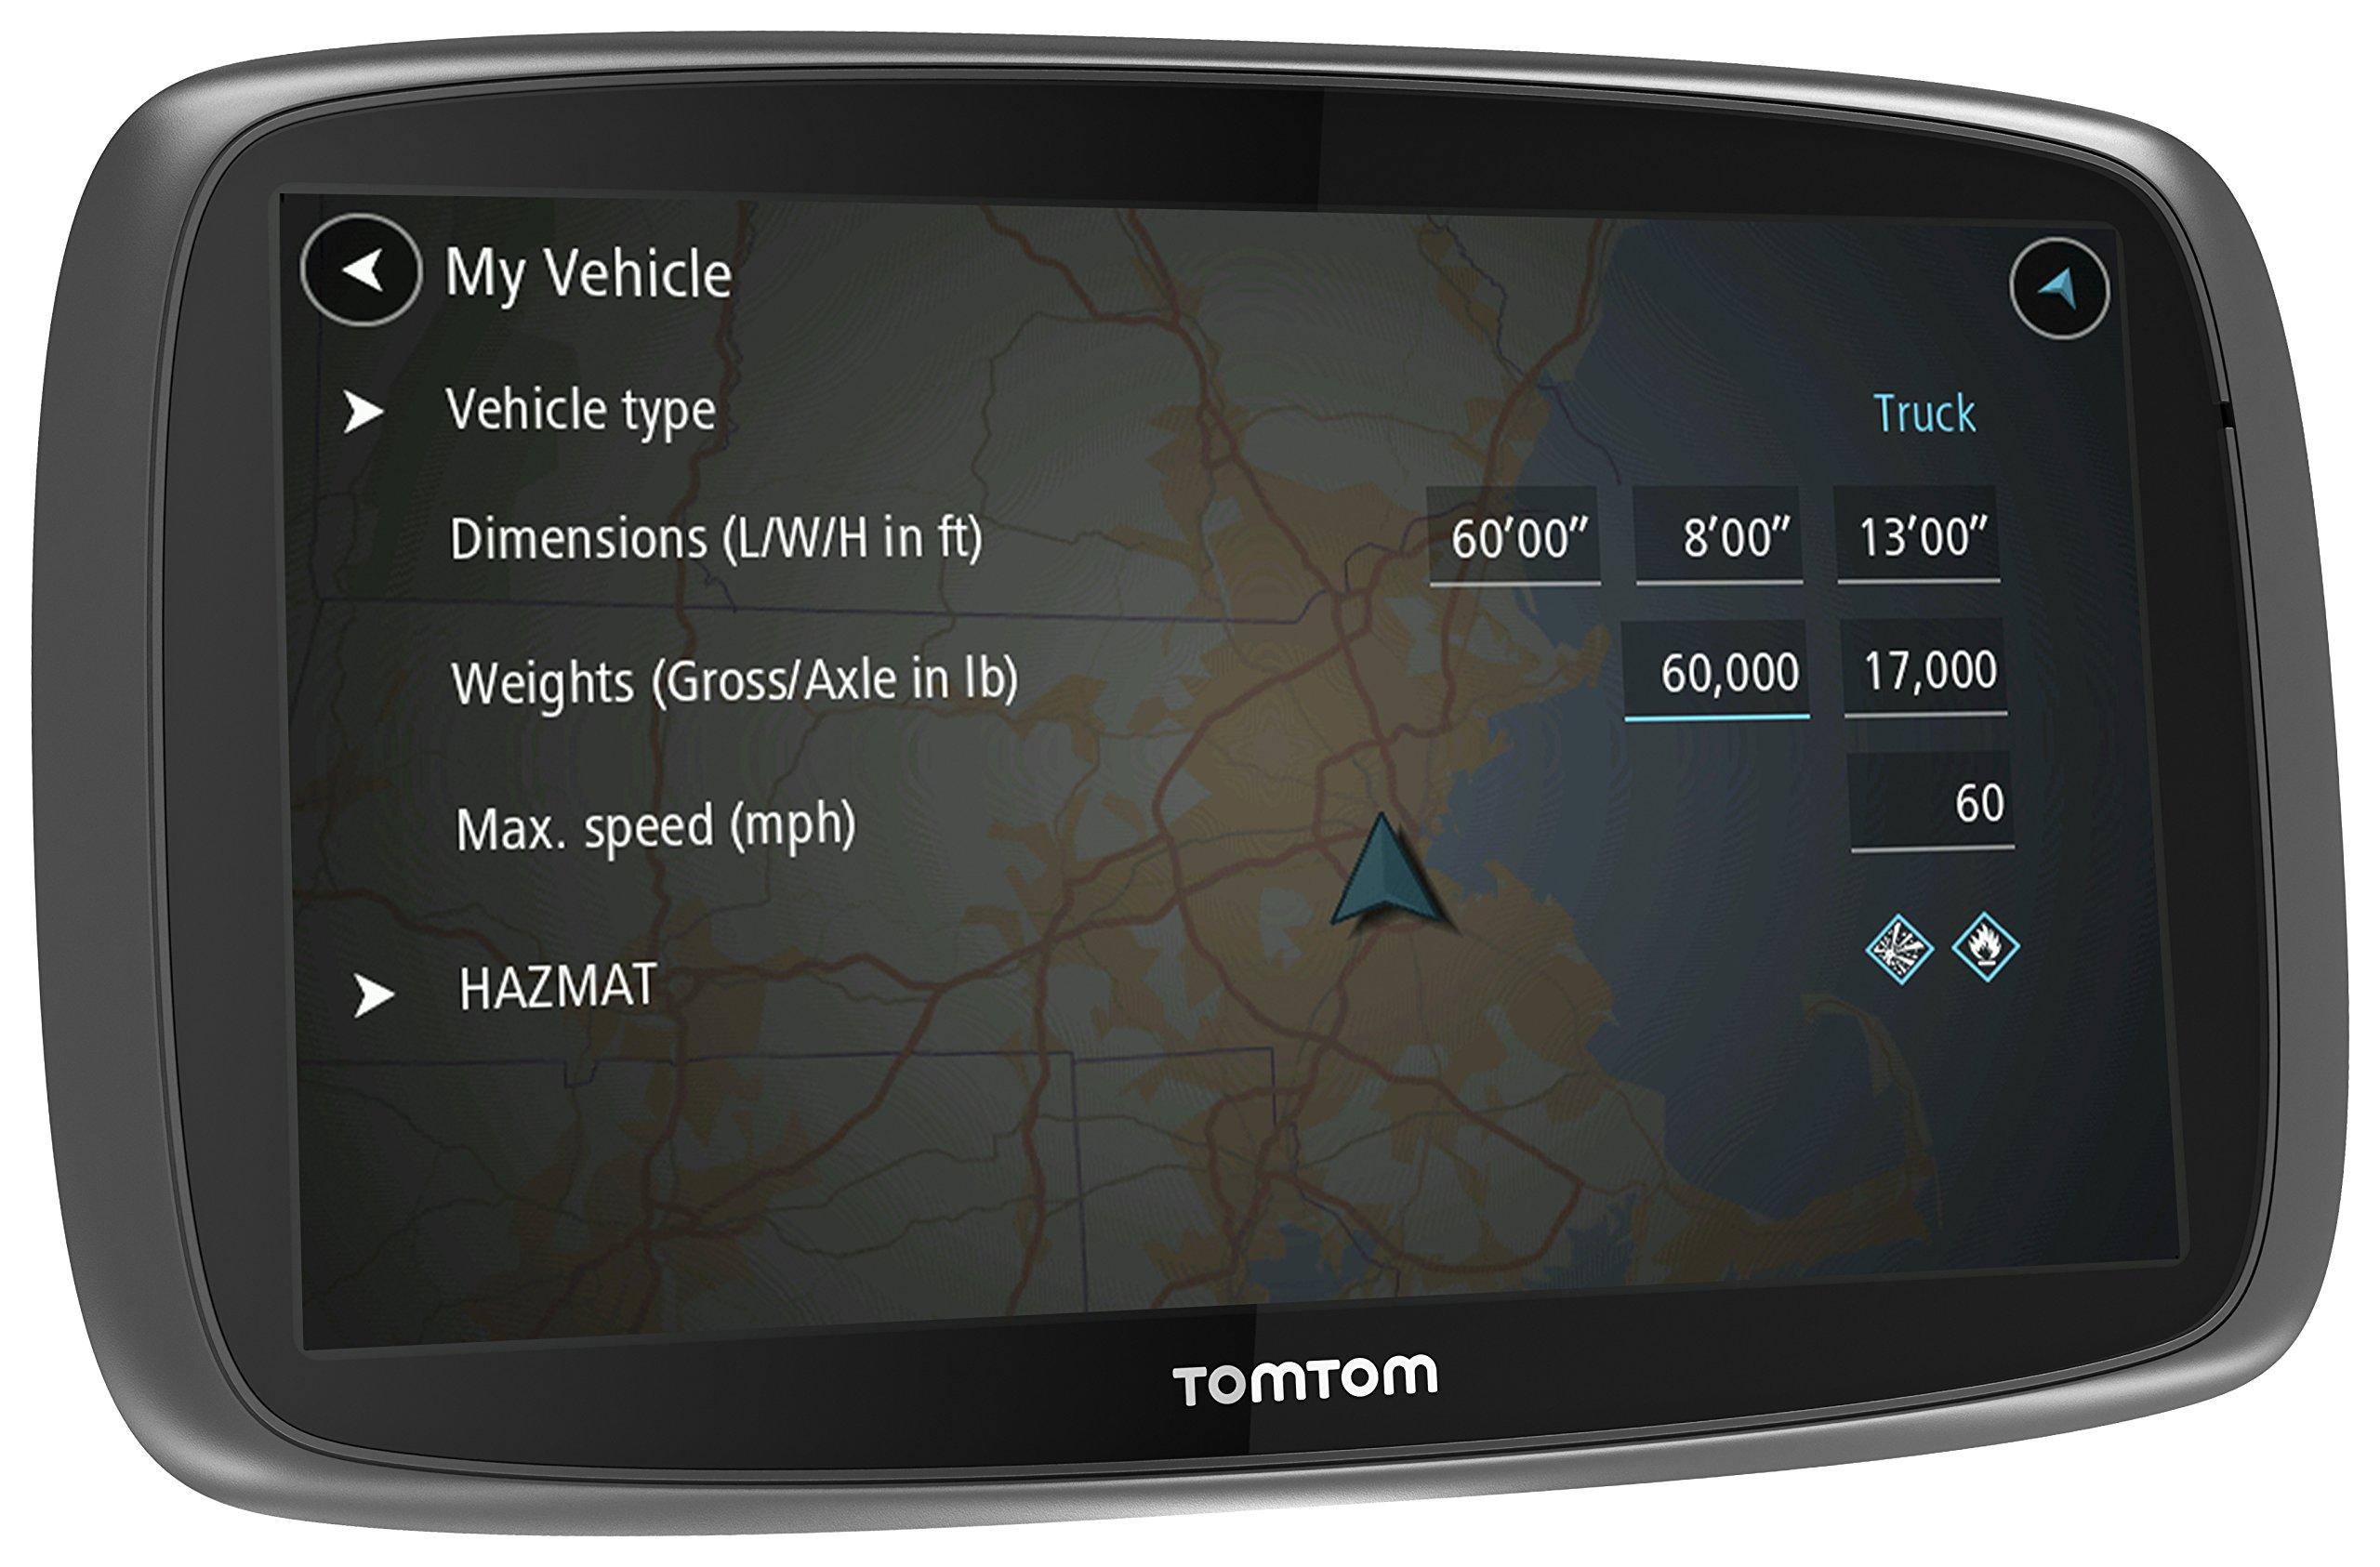 tomtom trucker 600 gps device gps navigation for trucks. Black Bedroom Furniture Sets. Home Design Ideas